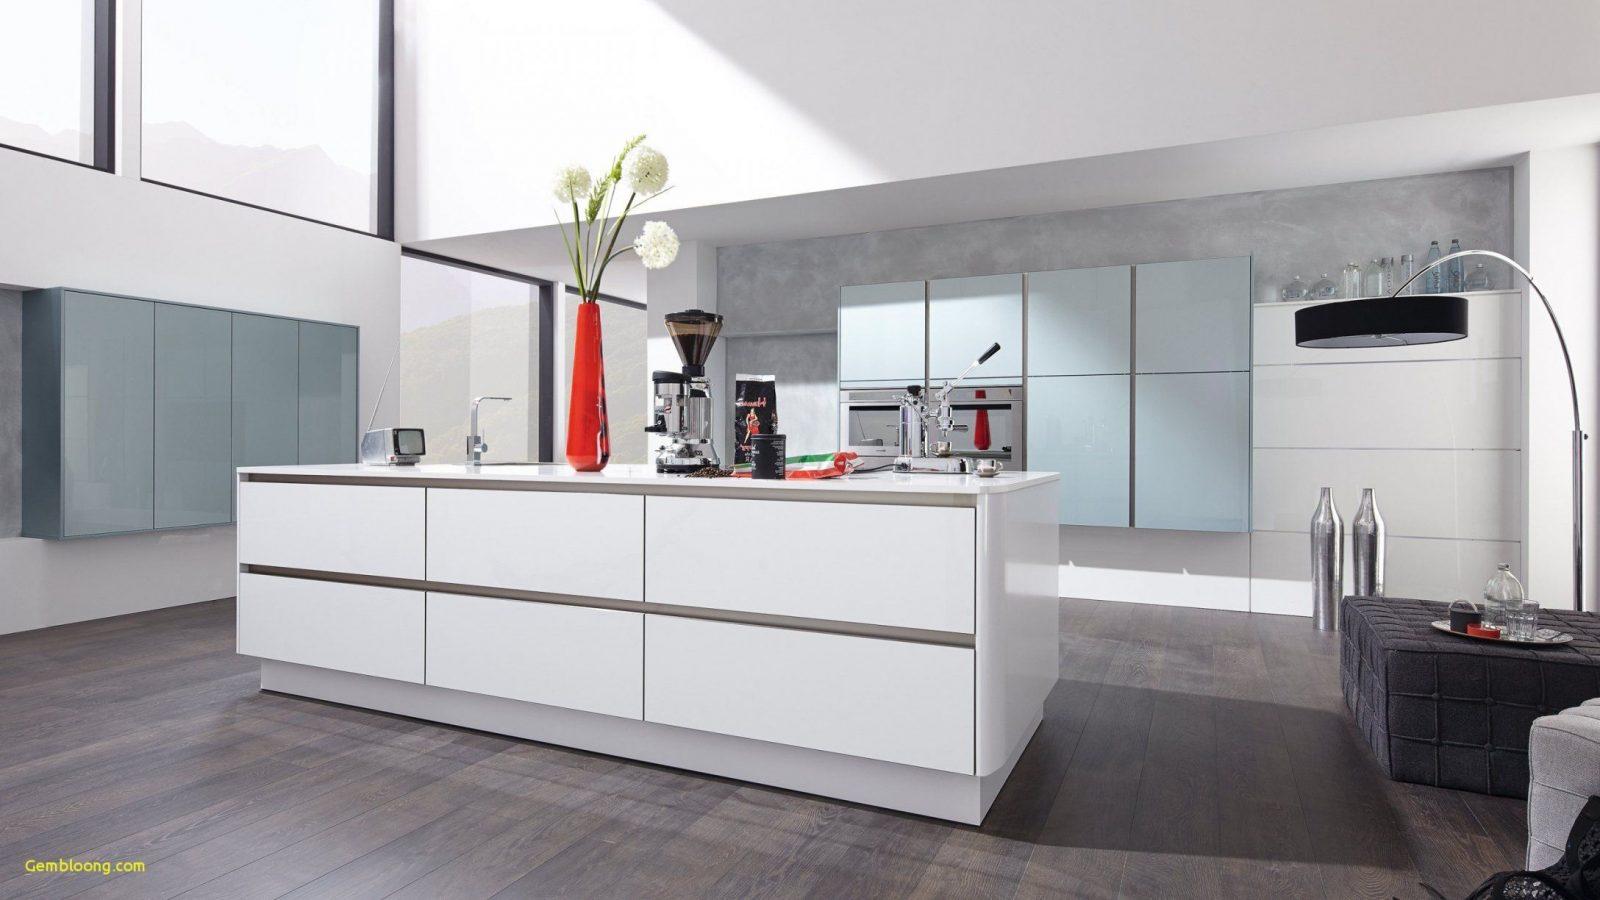 Ikea Küche Ohne Griffe | Haus Design Ideen